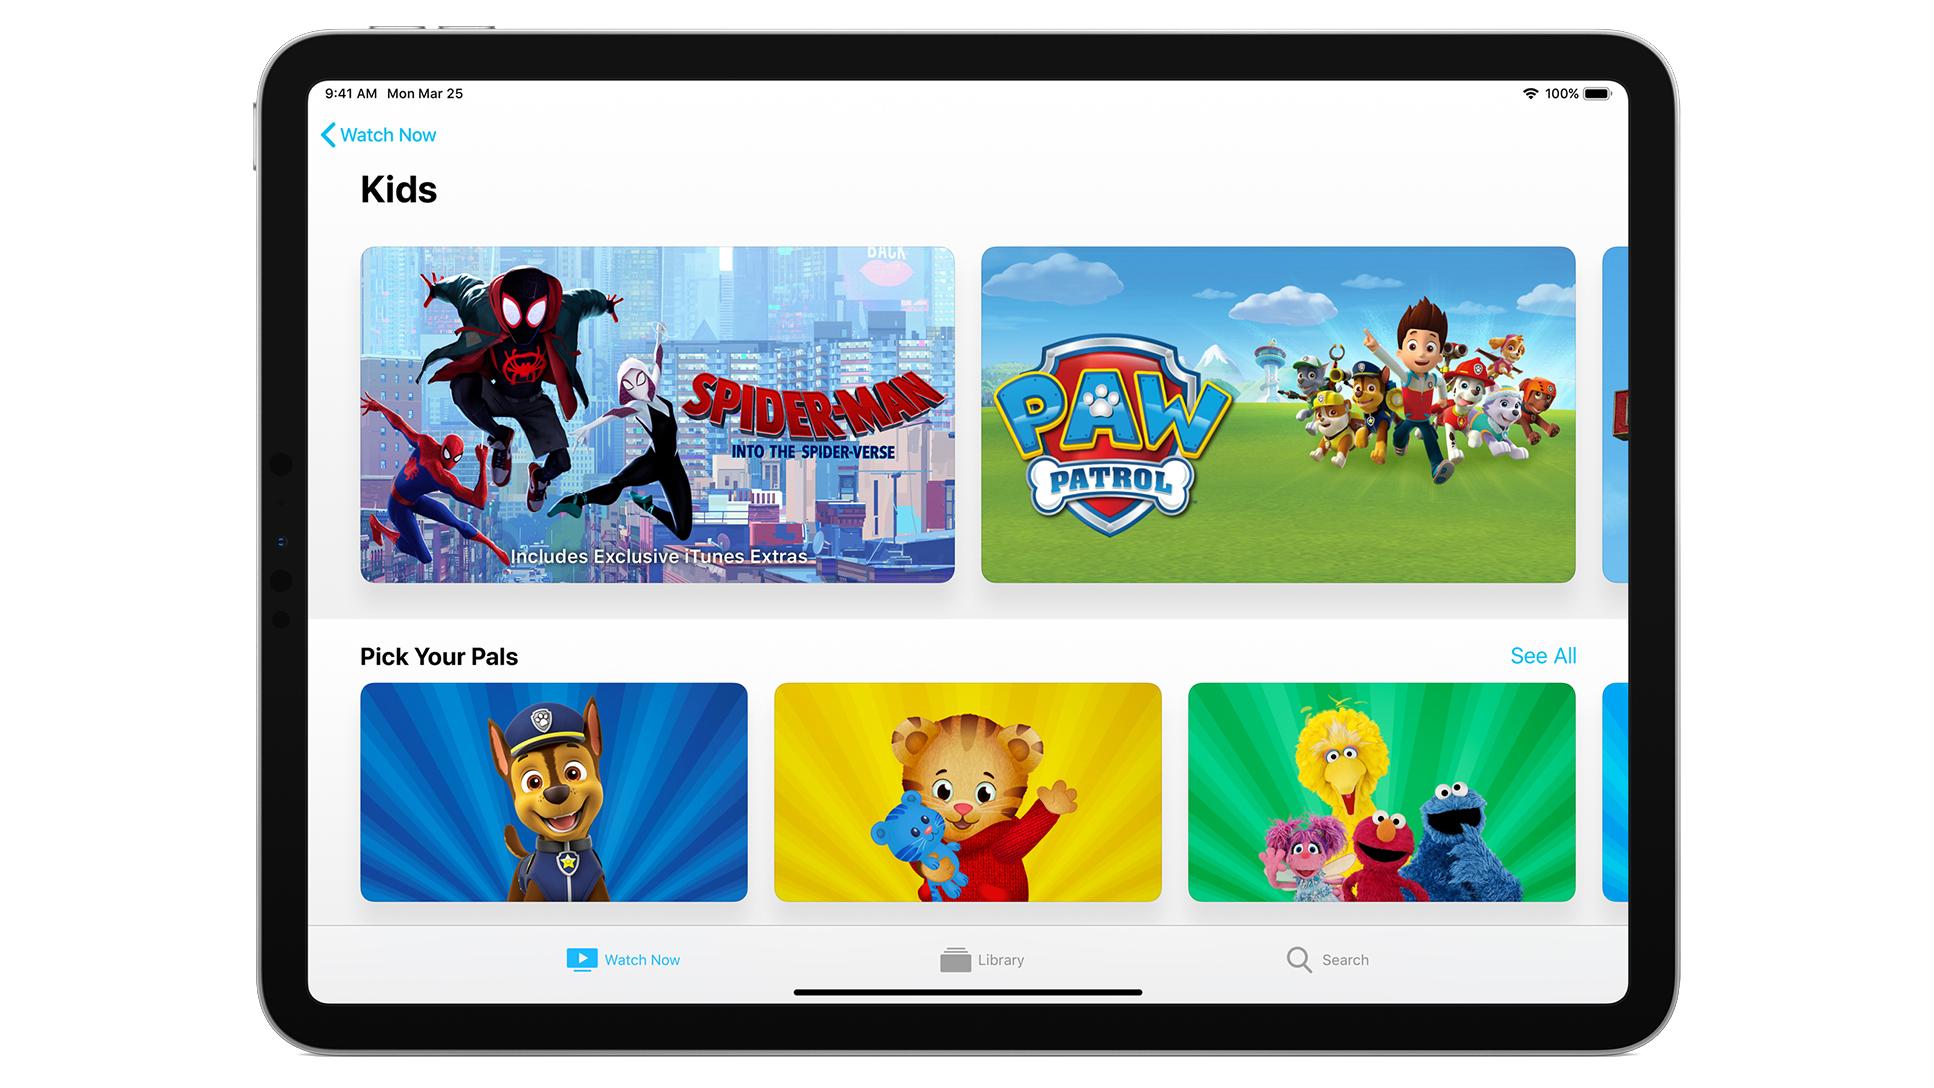 Das neue Apple TV app ist da – ein Schritt in Richtung einer Netflix-Rivalen, oder etwas anderes?